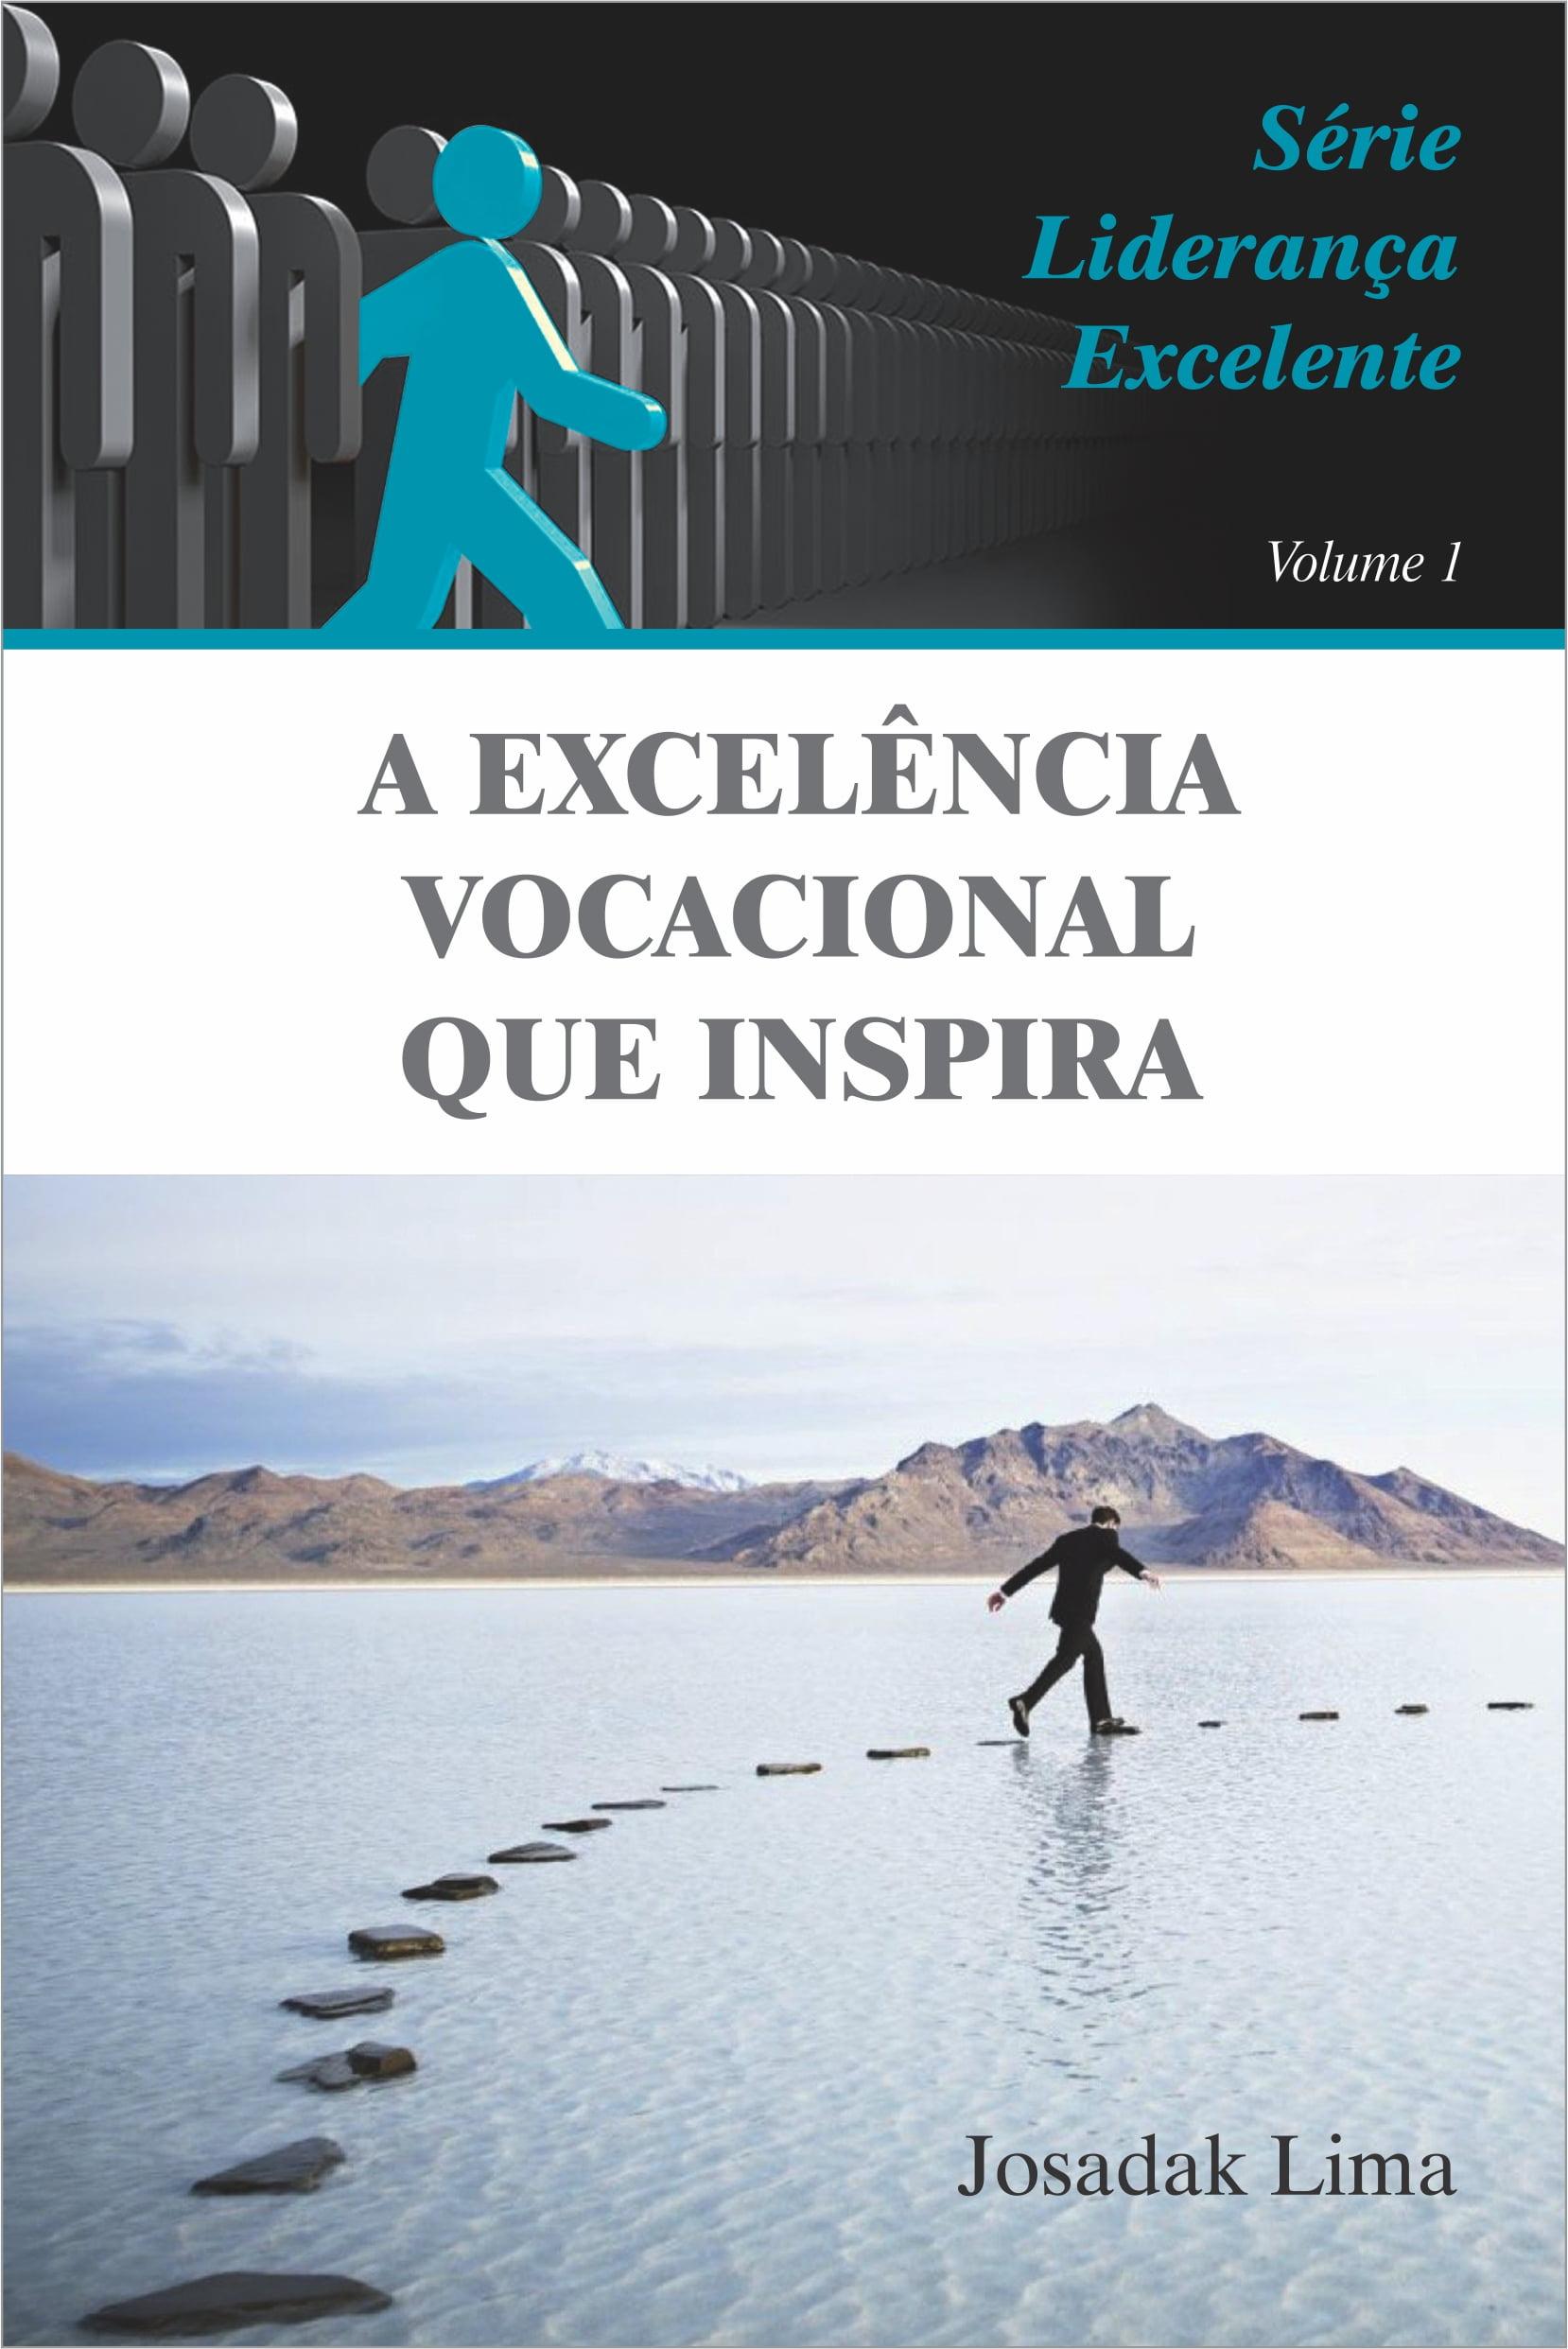 A EXCELÊNCIA VOCACIONAL QUE INSPIRA - VOL 1 - SÉRIE LIDERANÇA EXCELENTE